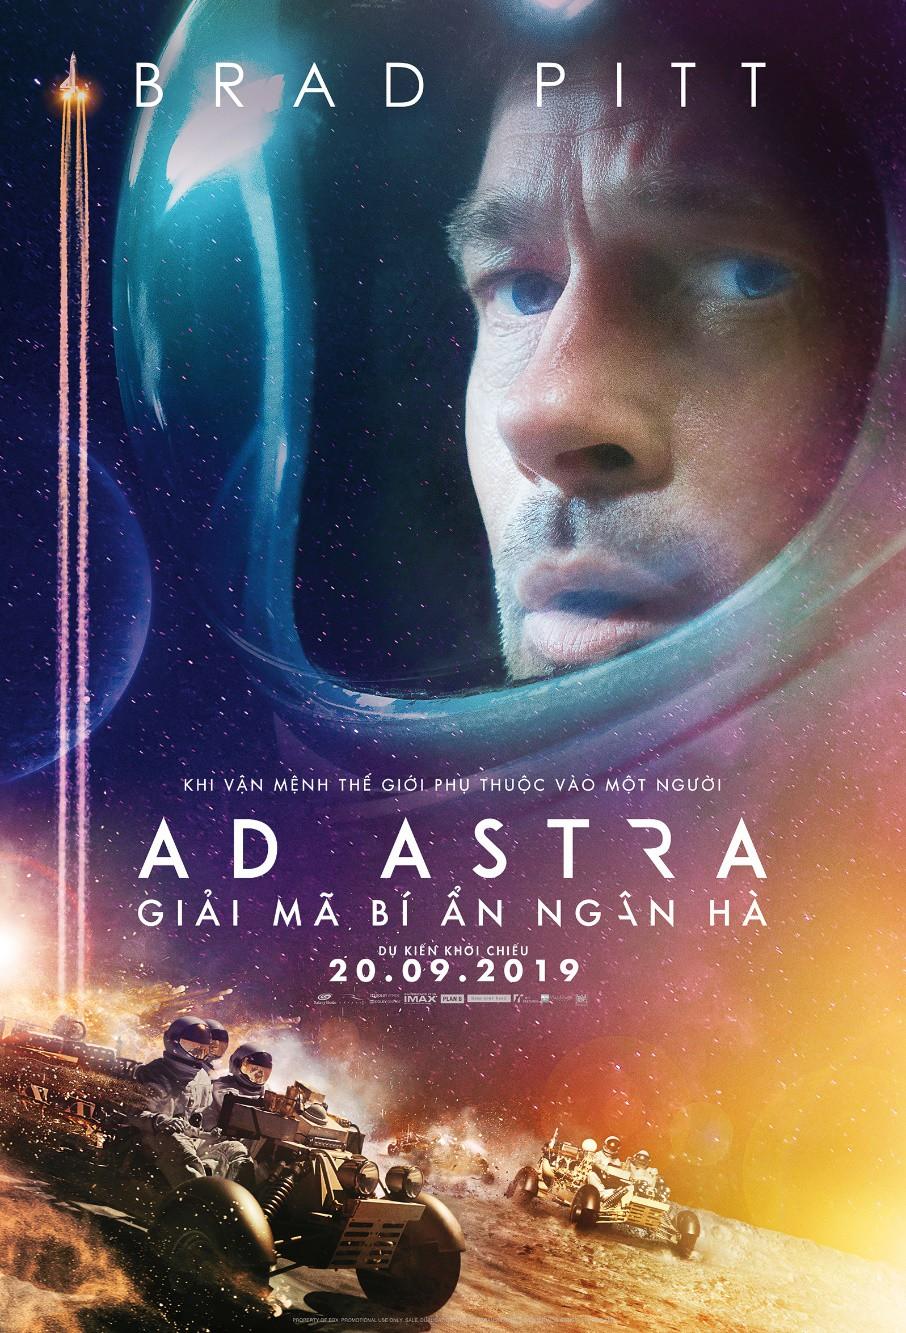 Ad Astra – Rơi nước mắt và nghẹt thở với hành trình tìm cha trong không gian của Brad Pitt - Ảnh 1.